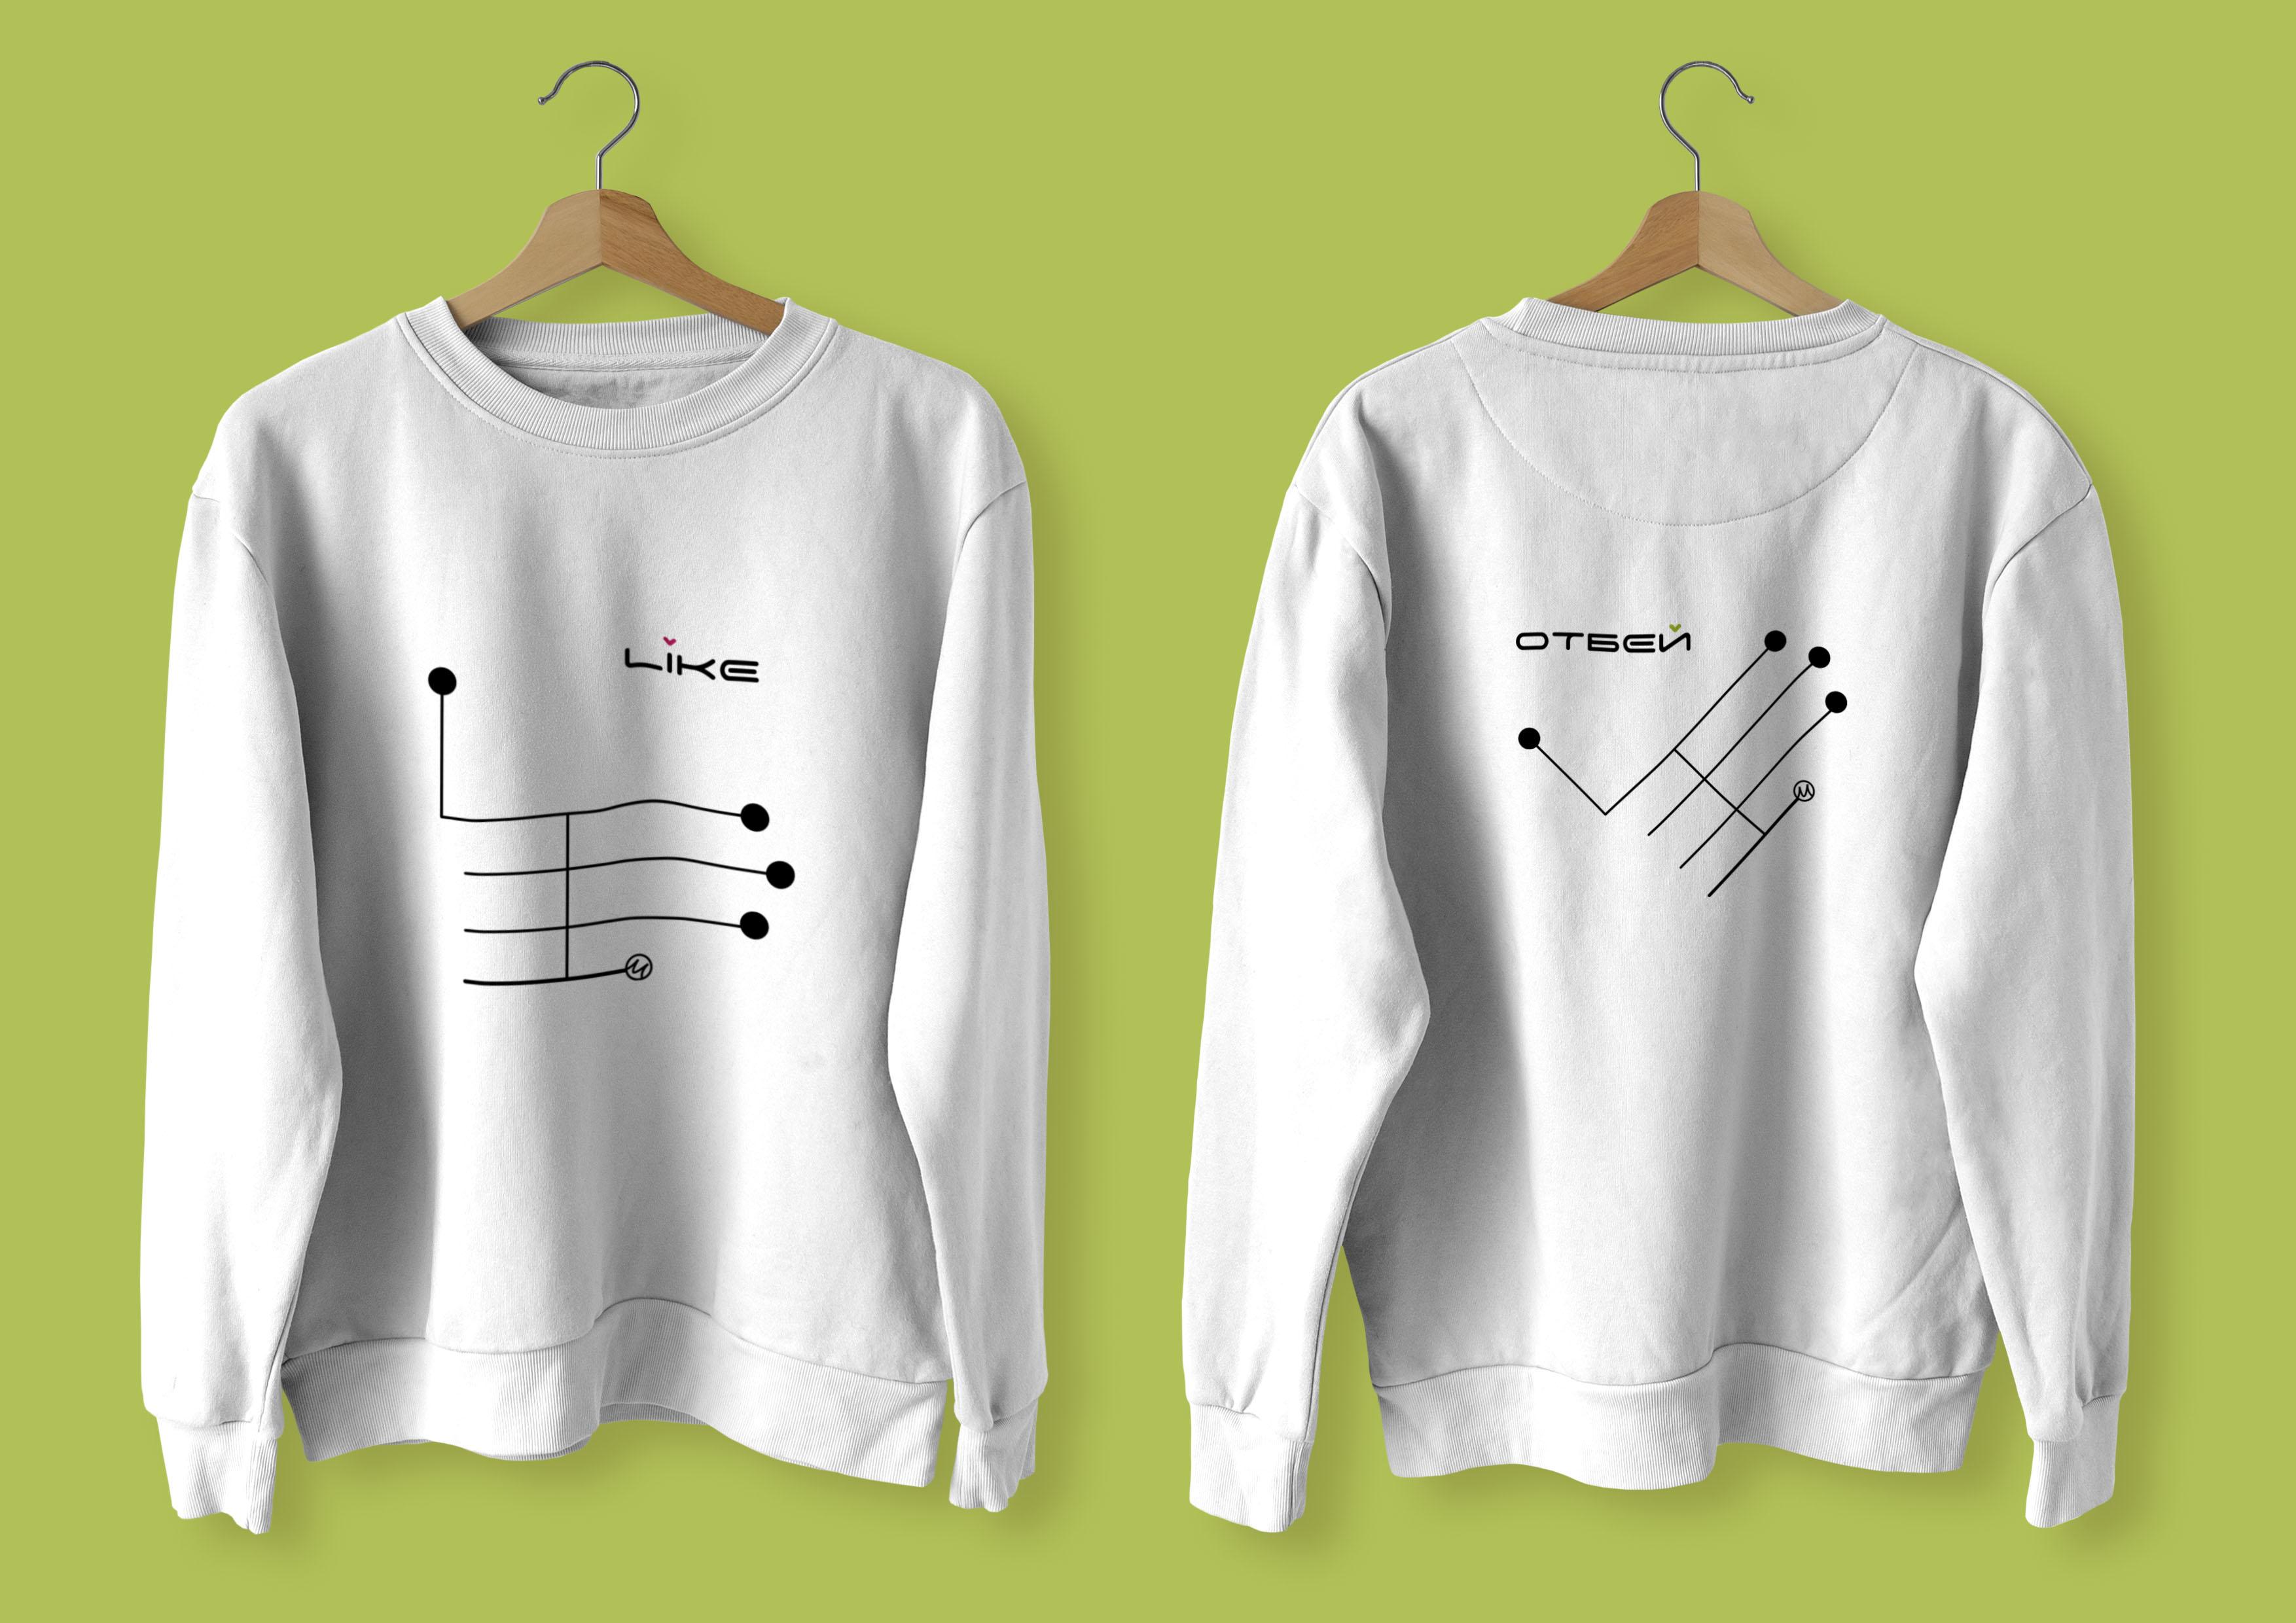 Нарисовать принты на футболки для компании Моторика фото f_999609d44ea60fb7.jpg